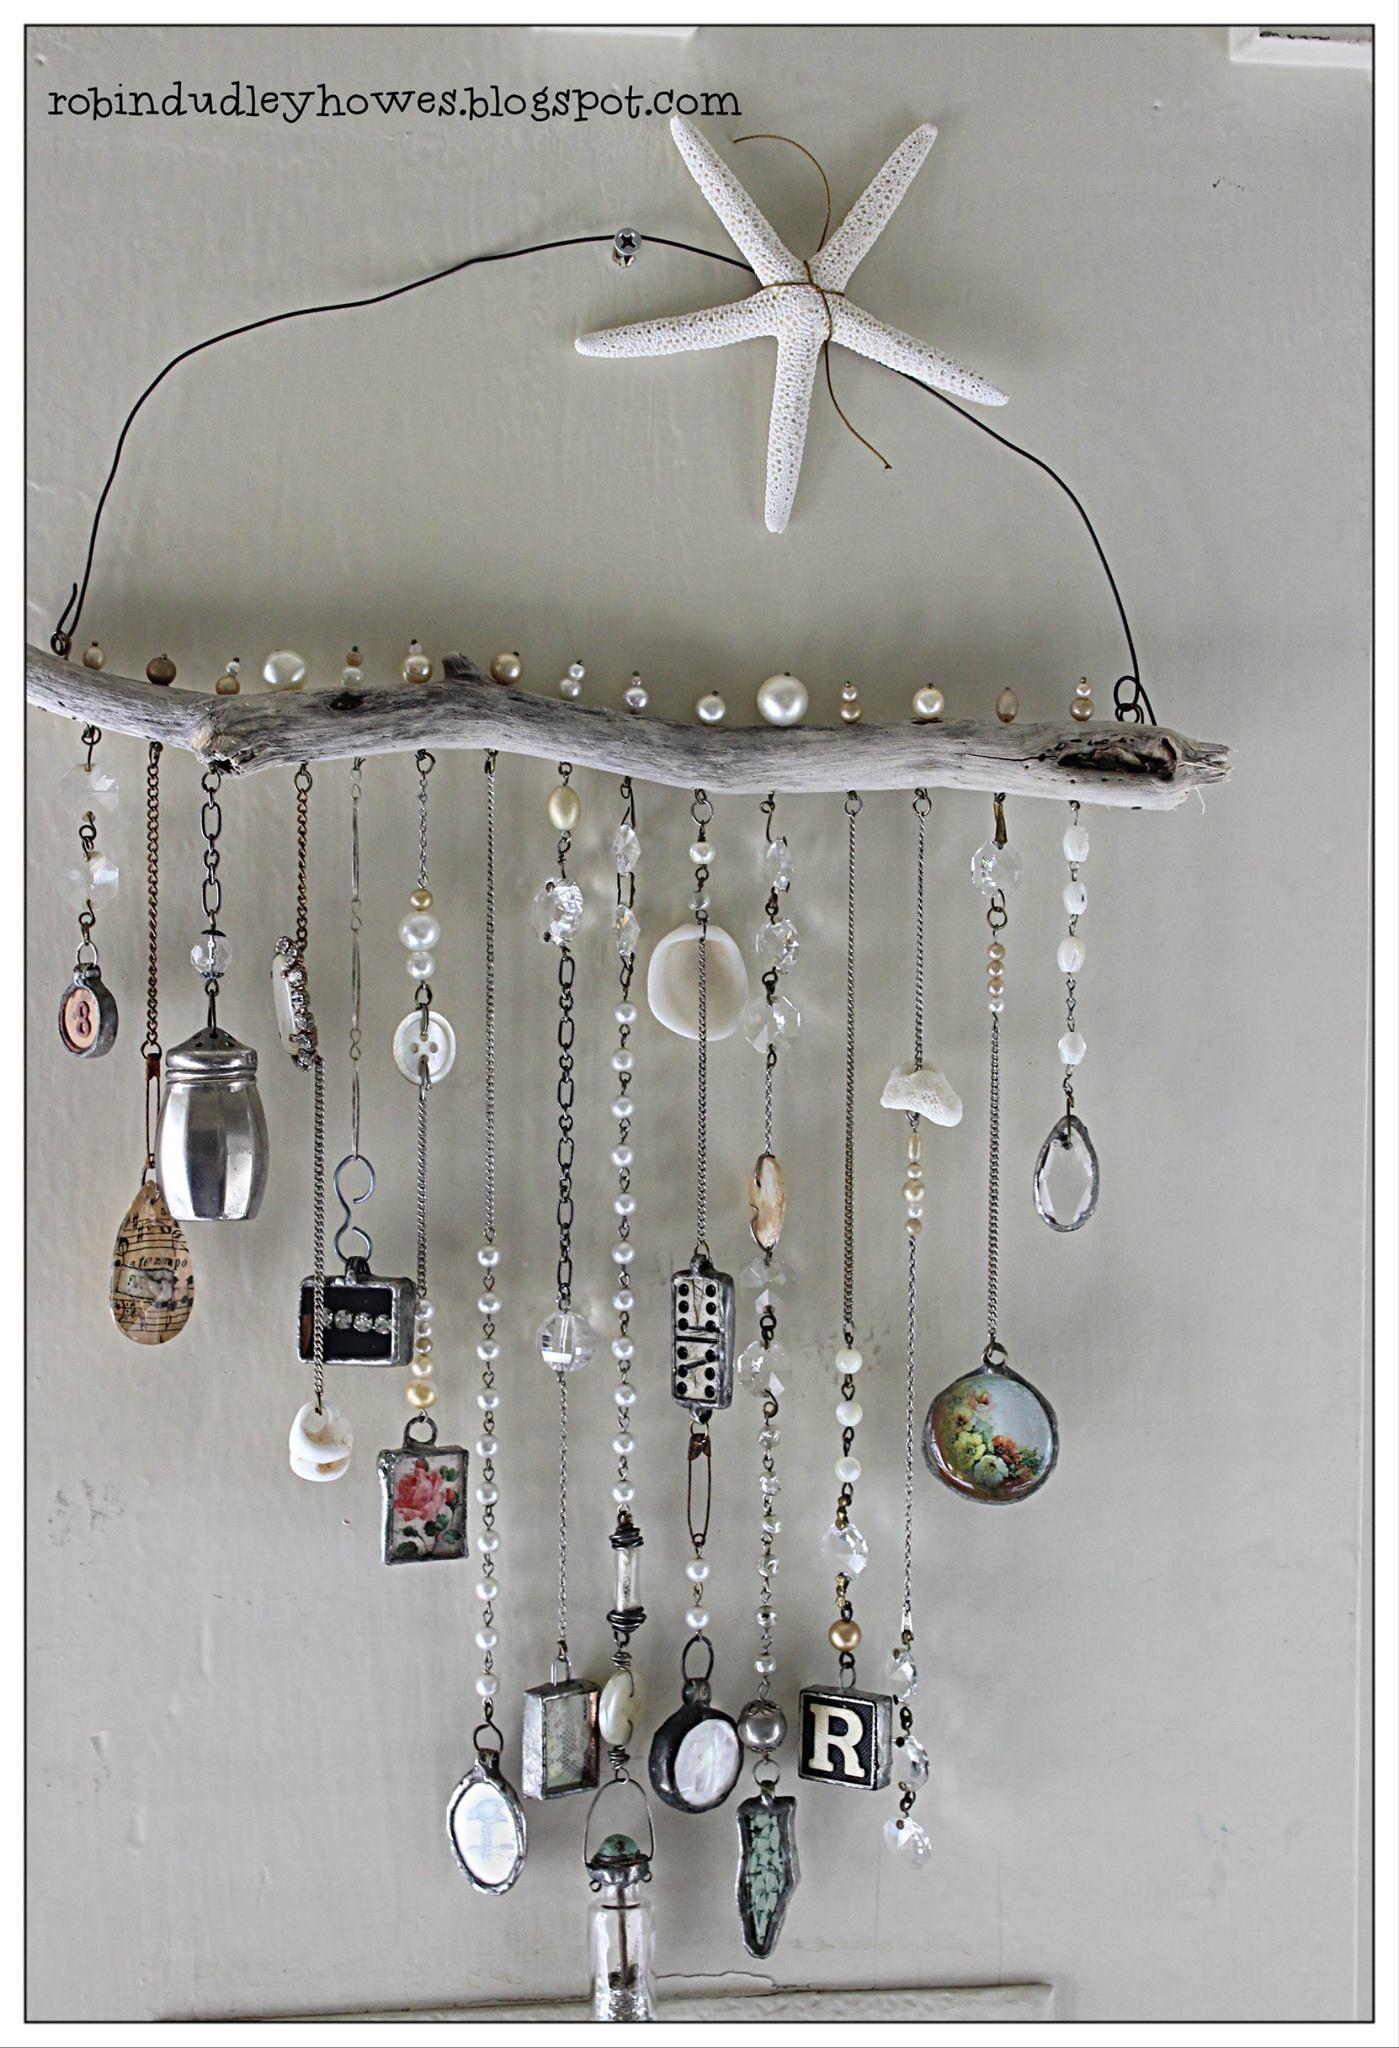 Ganci Per Appendere Collane pin di monica su progetti da realizzare | idee per decorare